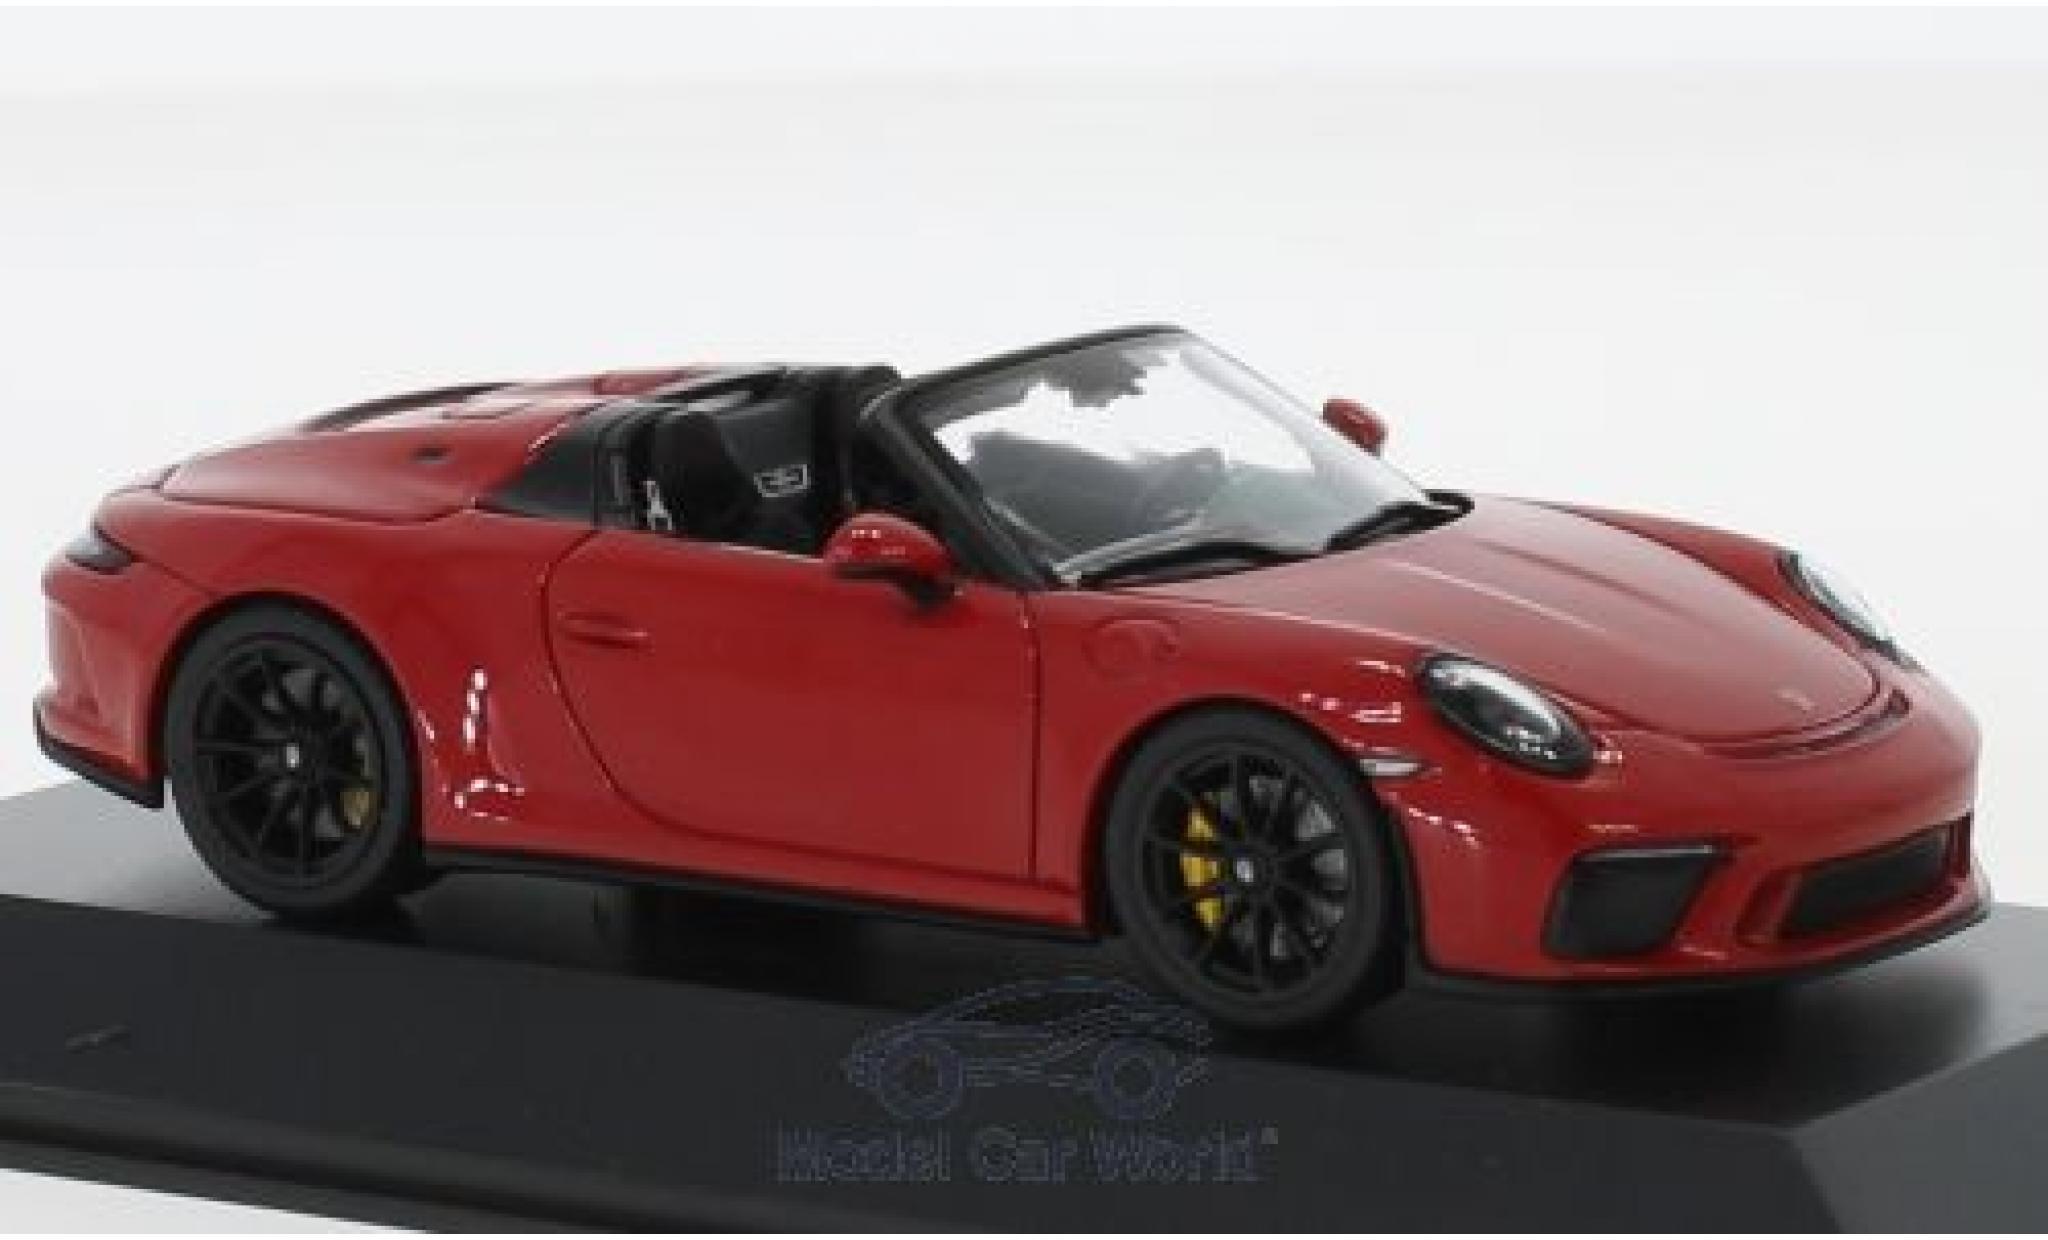 II PORSCHE 911 991 Speedster anno di costruzione 2019 BIANCO 1:43 SPARK